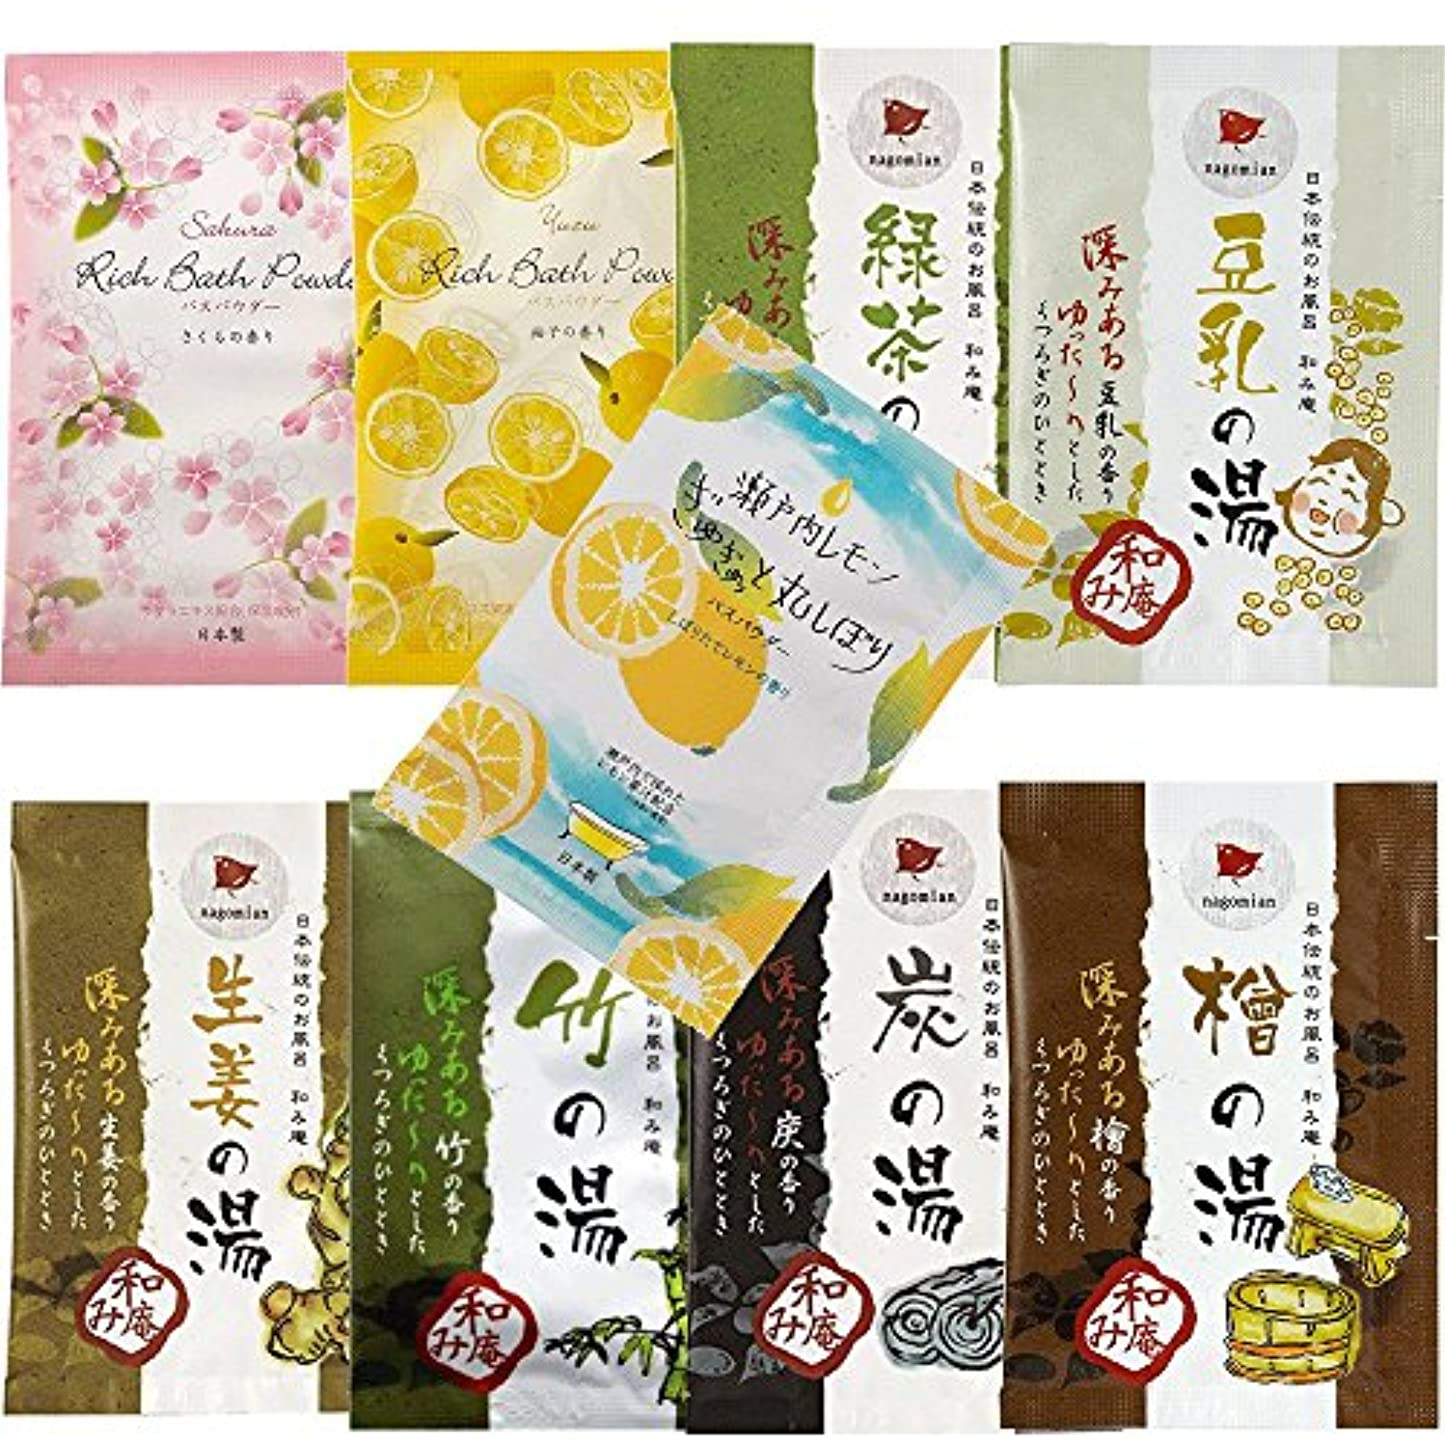 橋脚ブル誓い日本伝統のお風呂 和み庵 6種類 + バスパウダー 3種類セット 和風入浴剤 9包セット